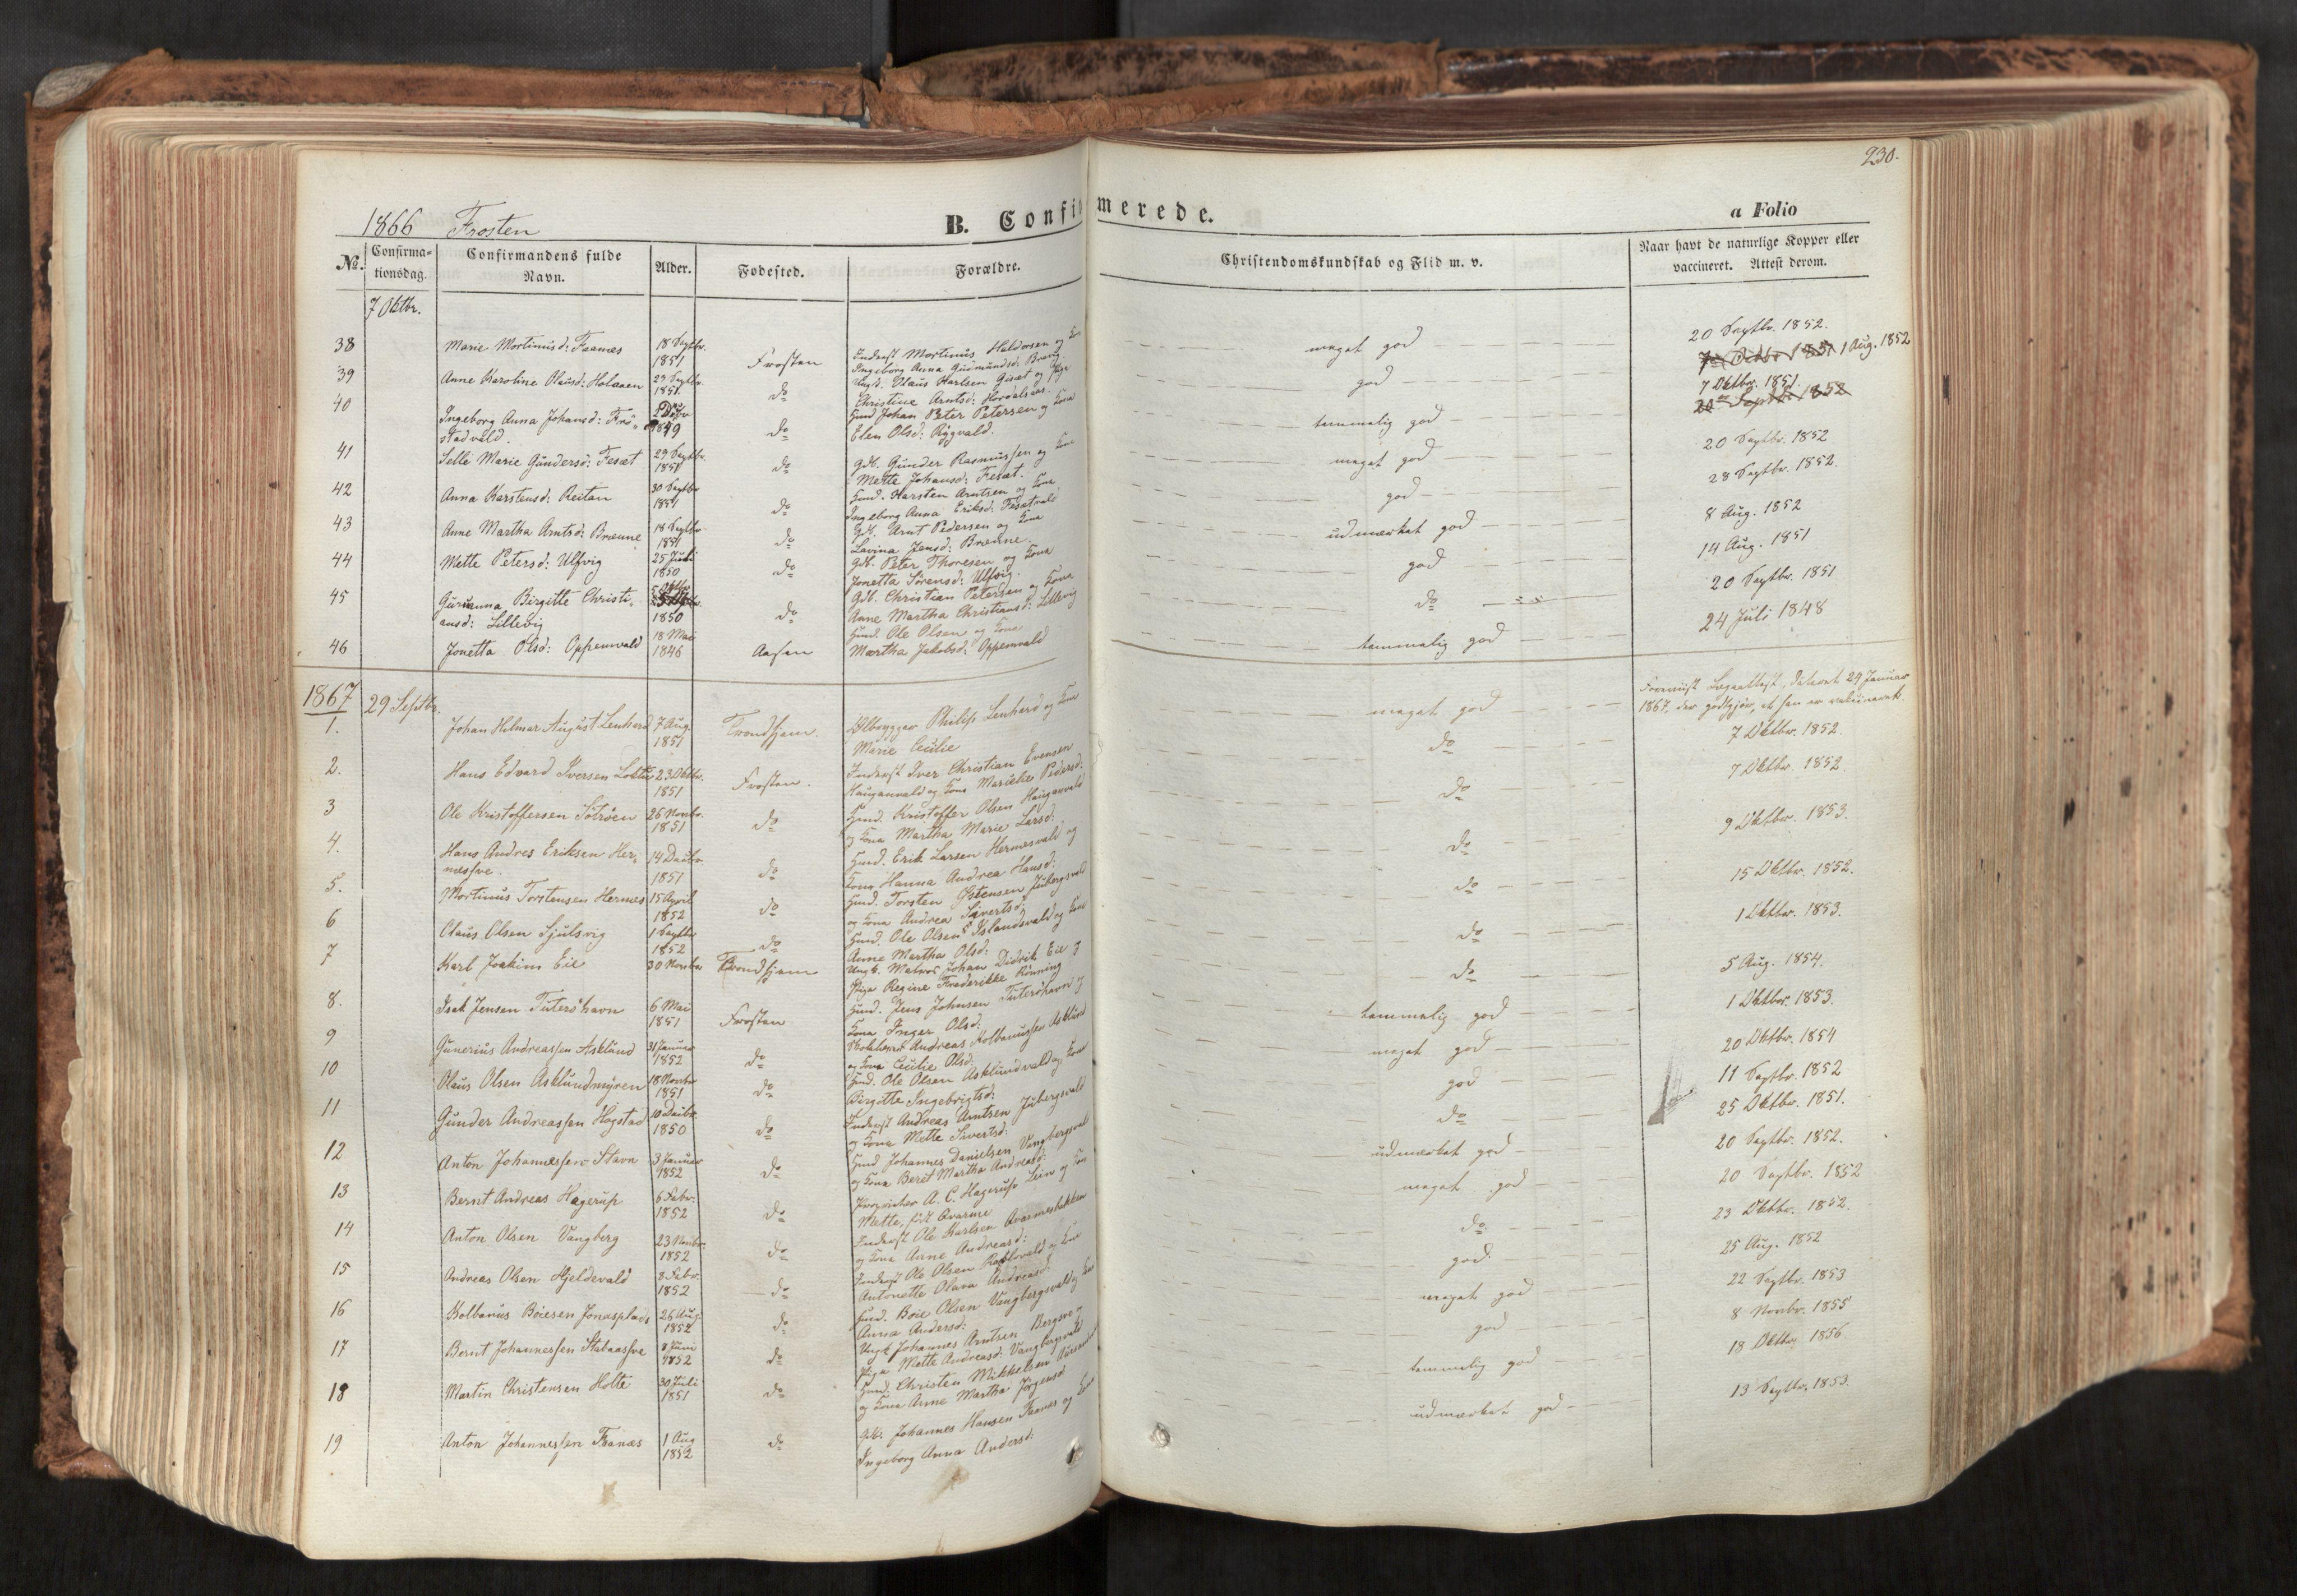 SAT, Ministerialprotokoller, klokkerbøker og fødselsregistre - Nord-Trøndelag, 713/L0116: Ministerialbok nr. 713A07, 1850-1877, s. 230